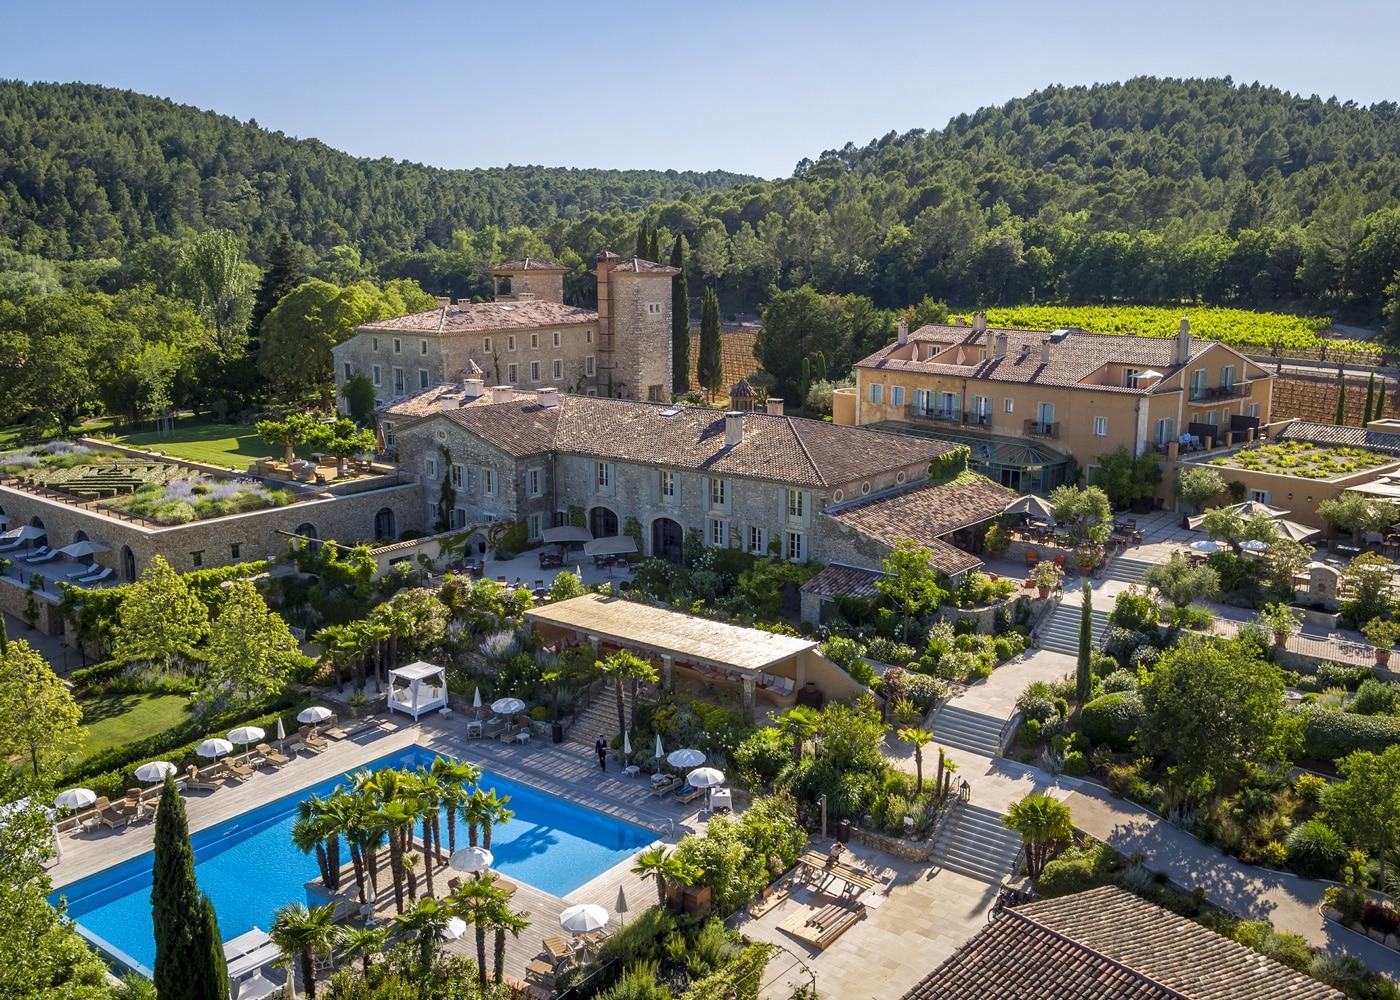 hotels-confinez-moi-ici-#4-mcmd-CHATEAU-de-Berne-vue-piscine-domaine-drone